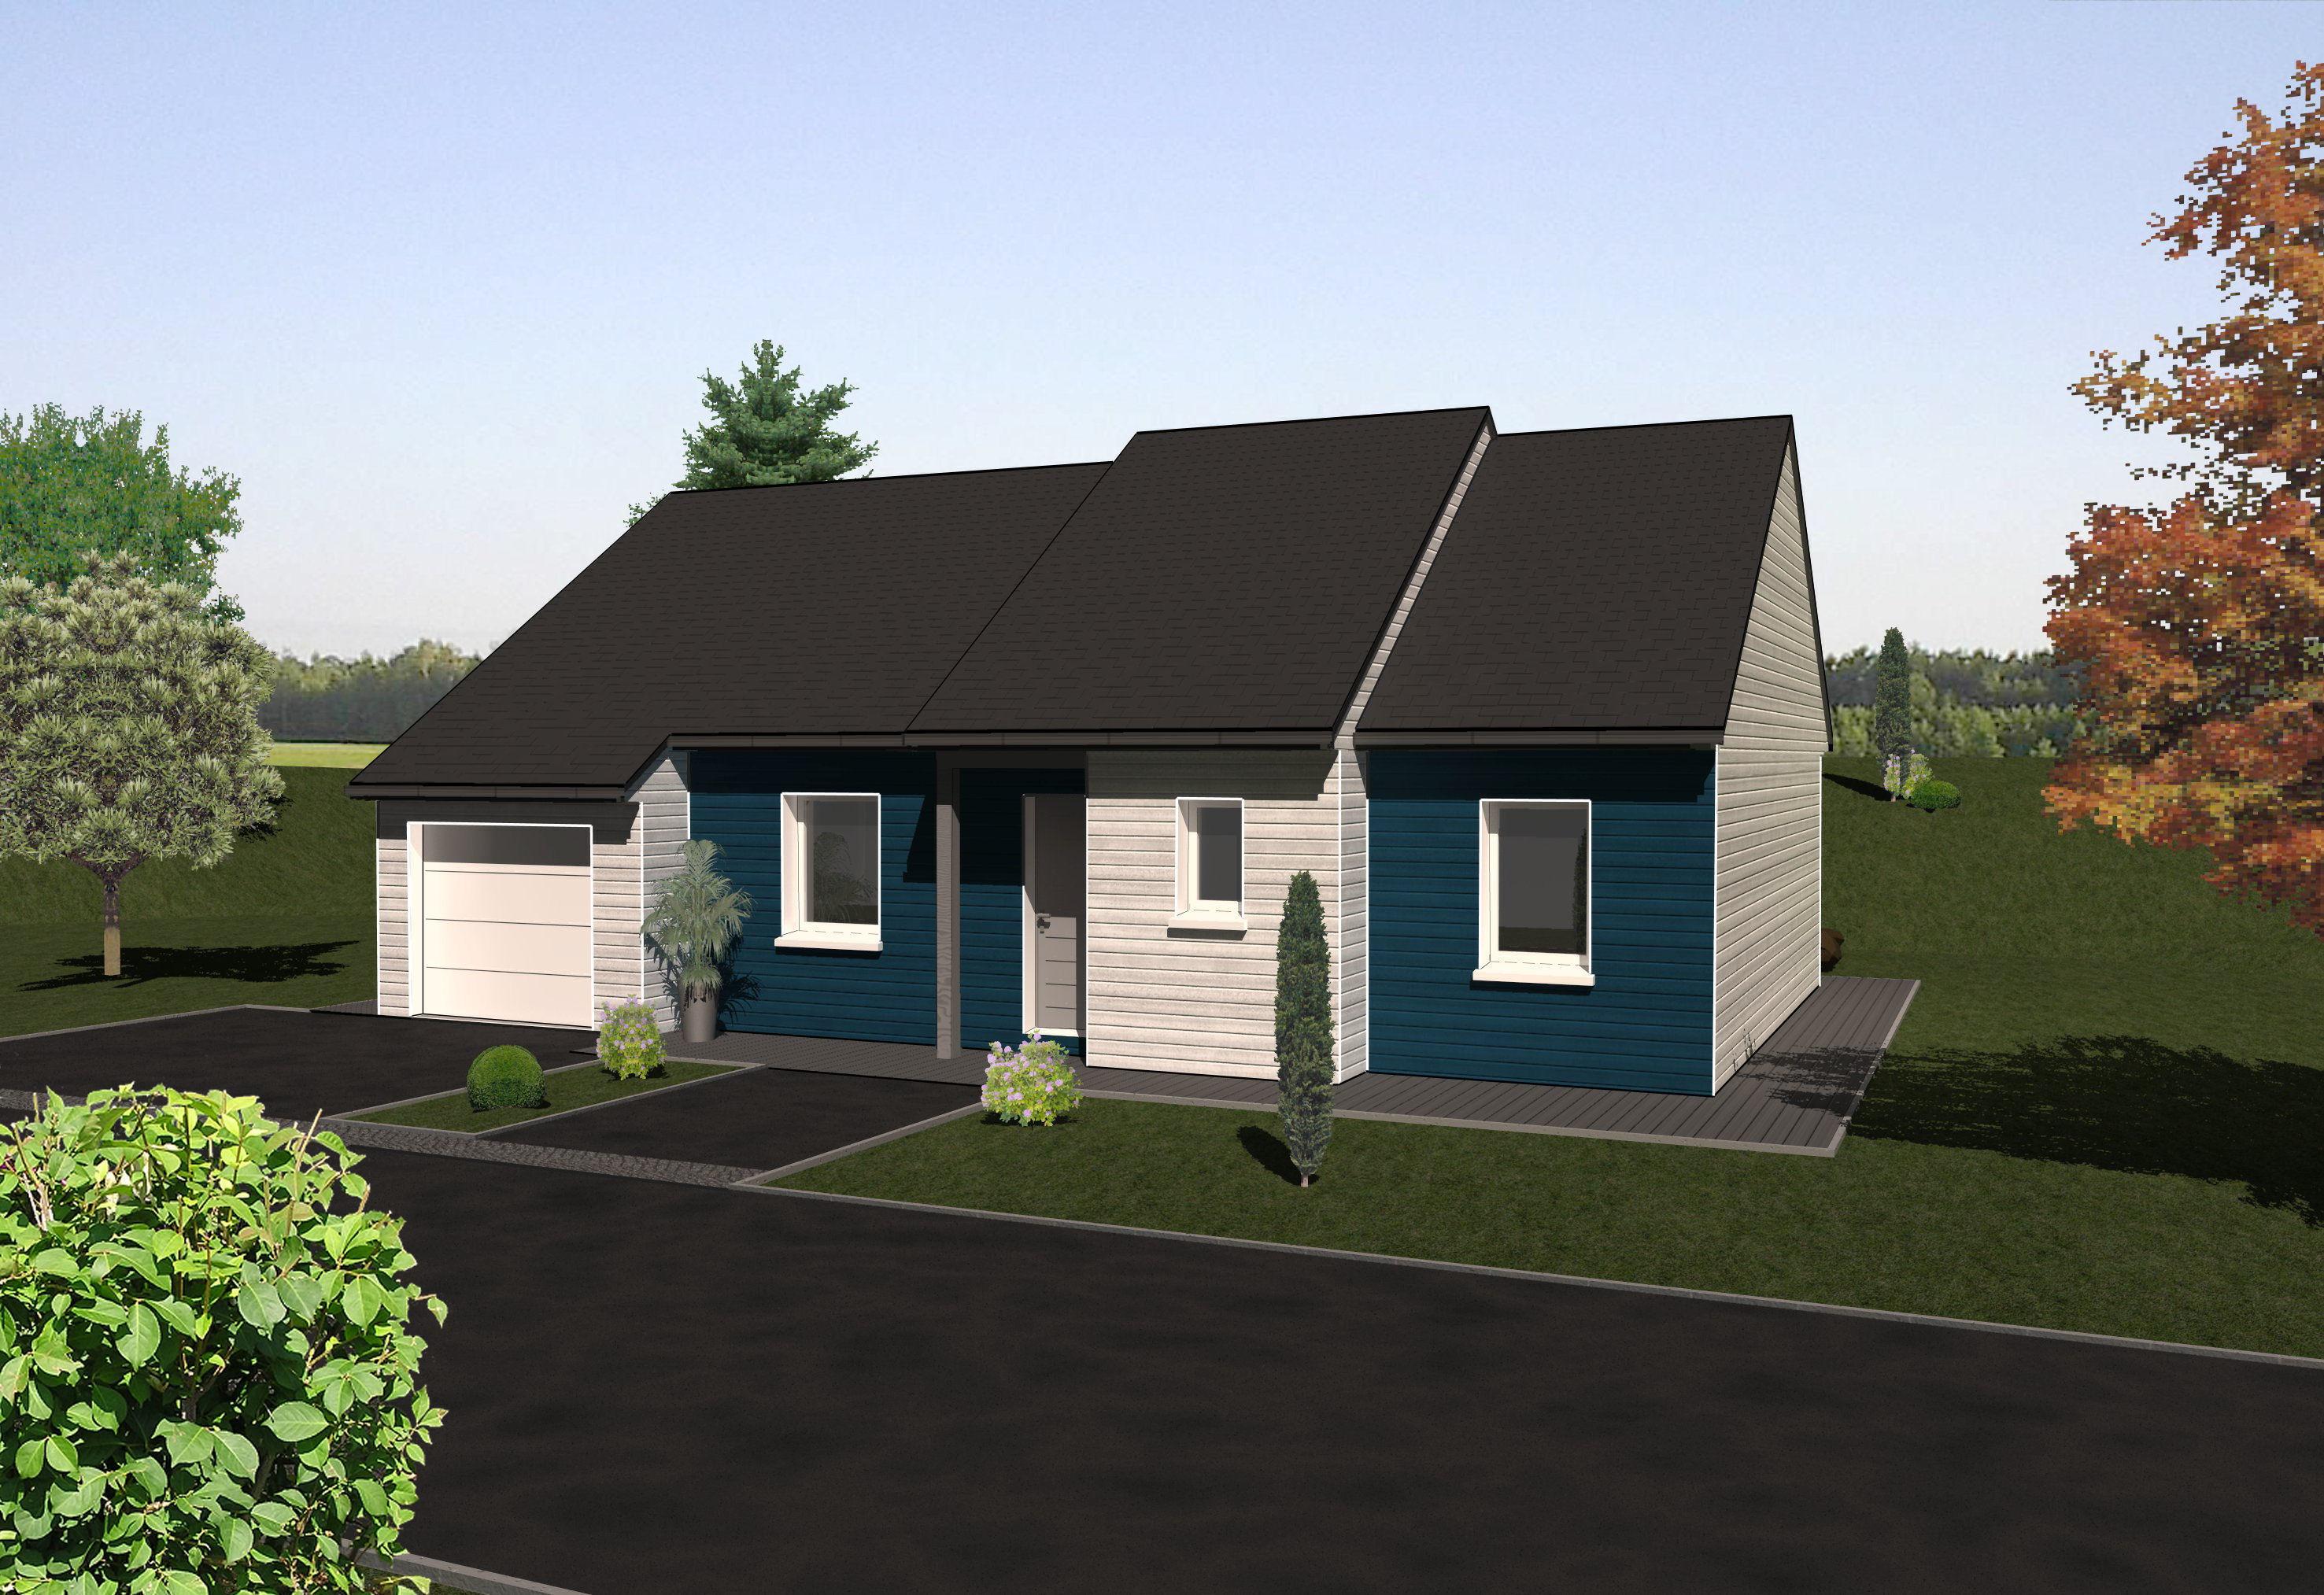 Les maisons ossature bois de plain pied mod le teck for Modele maison ossature bois